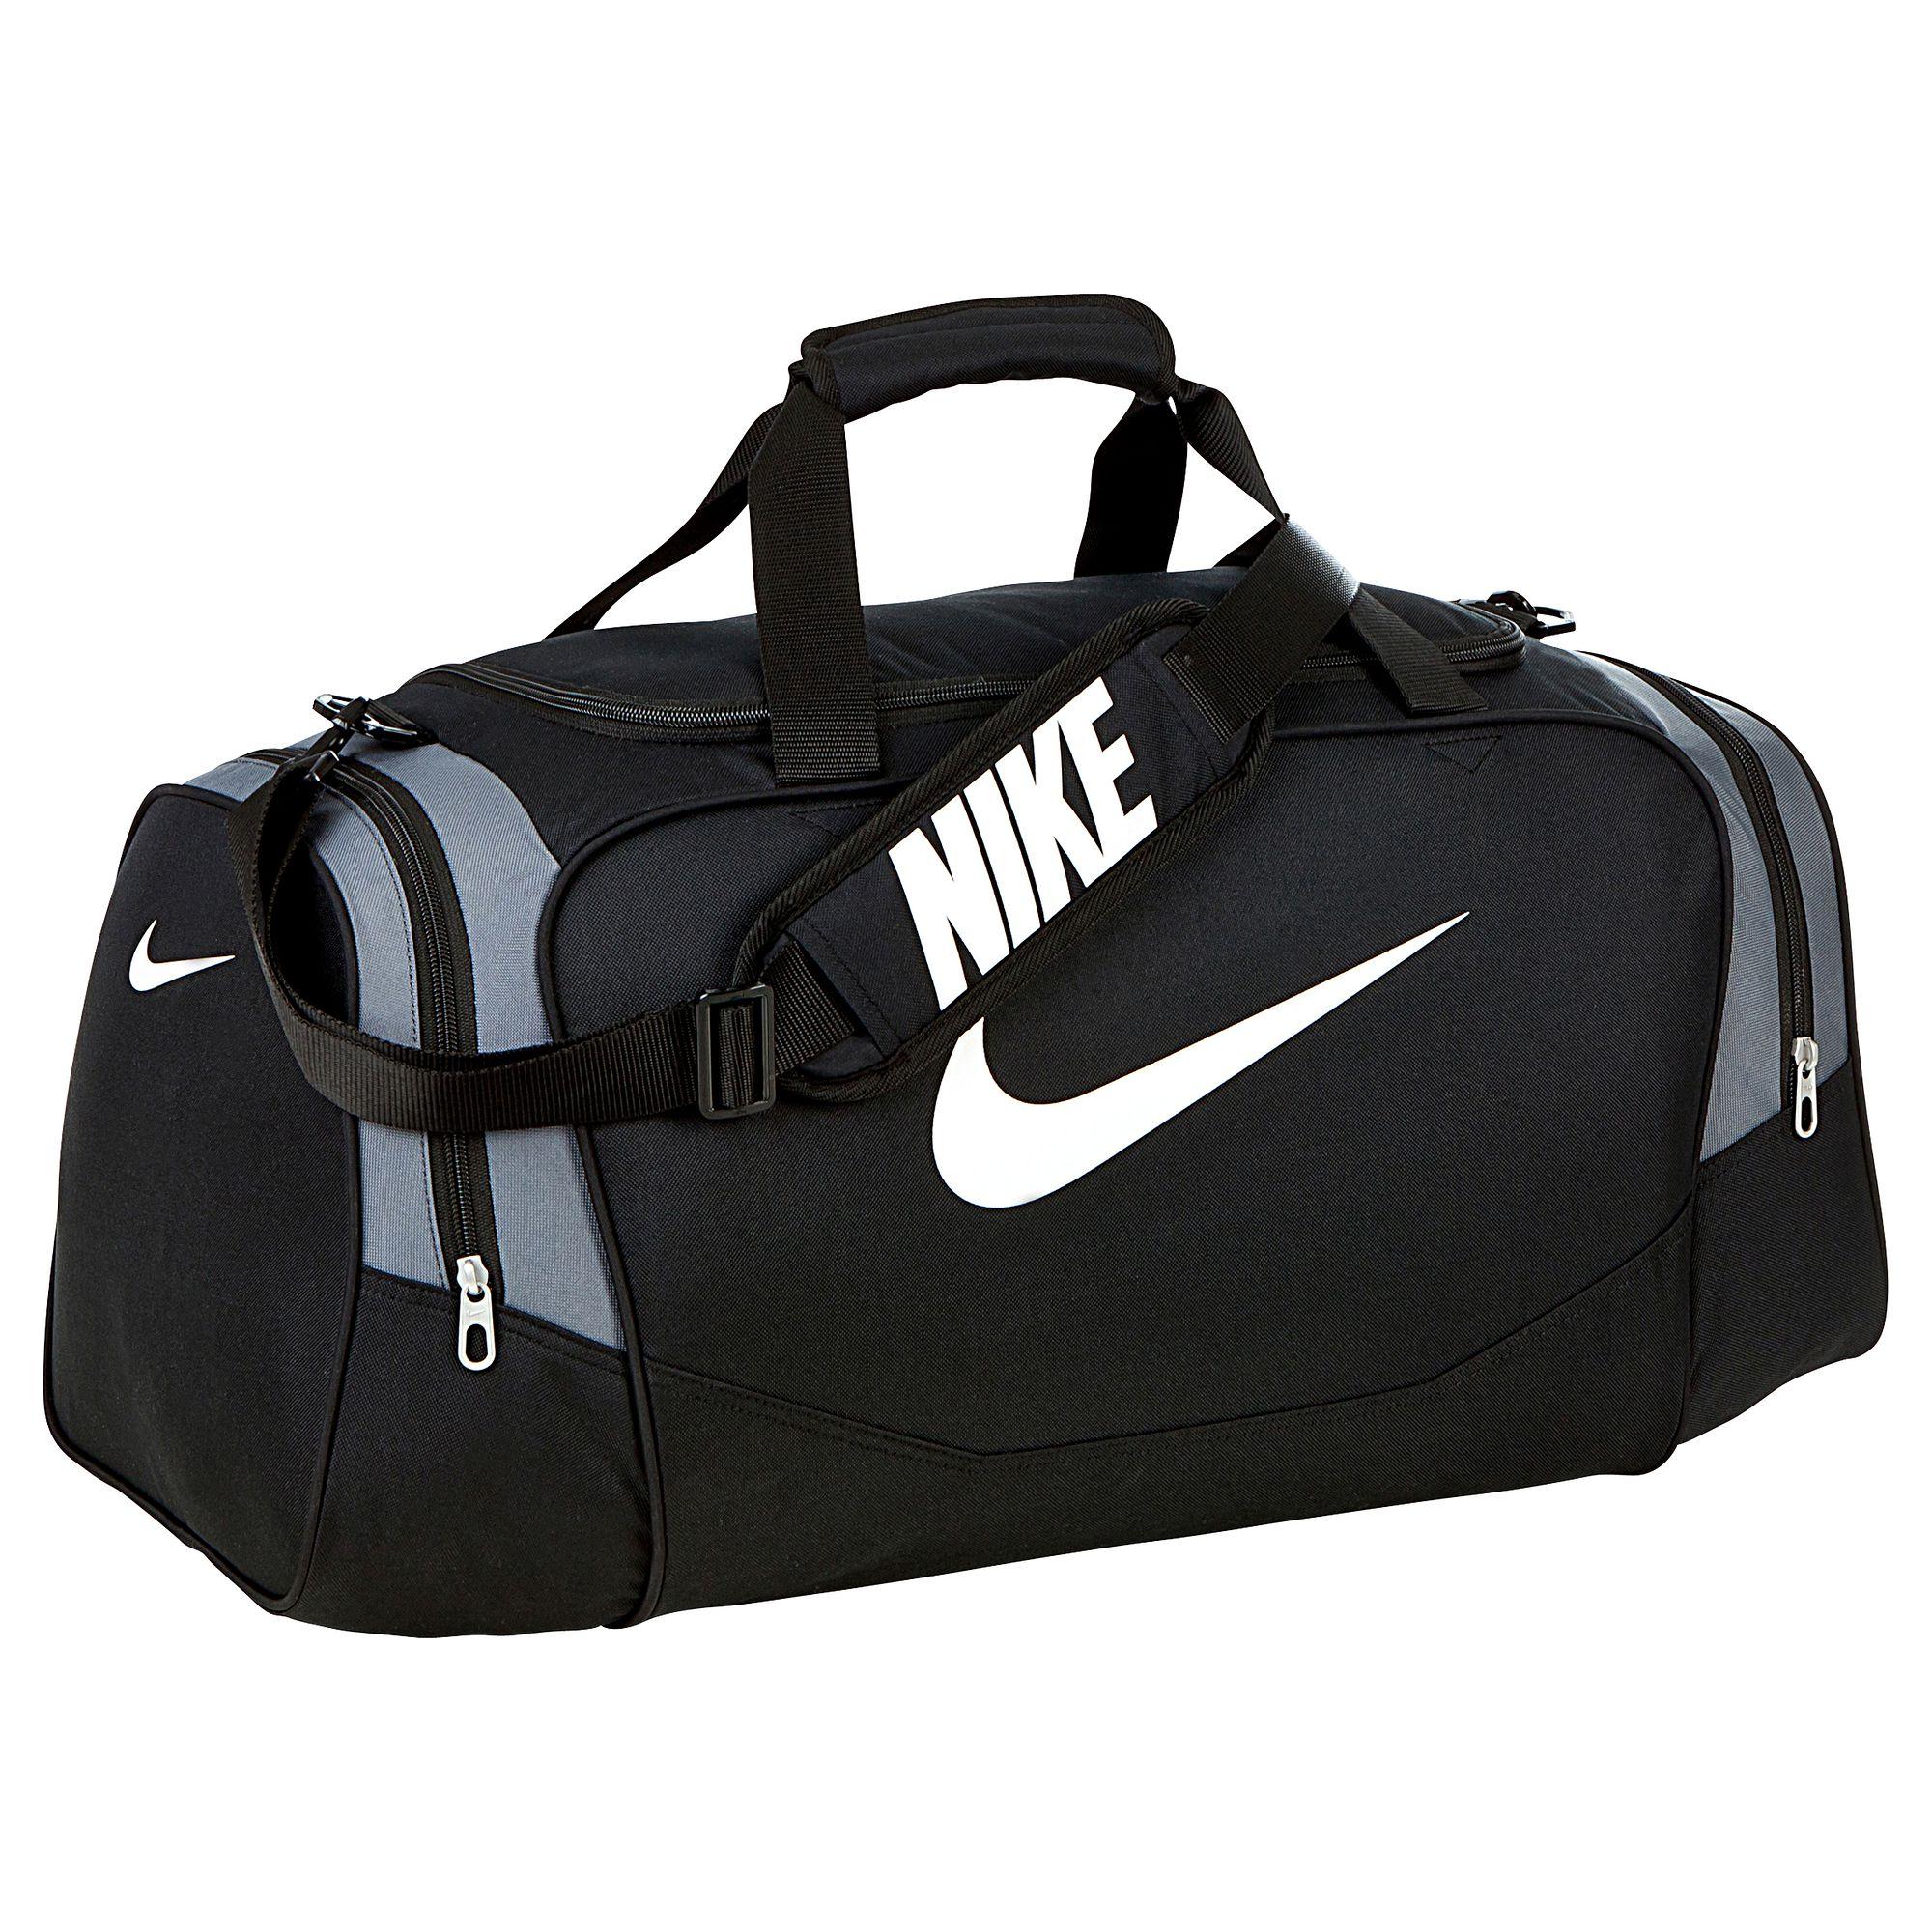 ID - Grand sac de sport (40 litres) (Taille unique) (Rouge) PislS9xFw